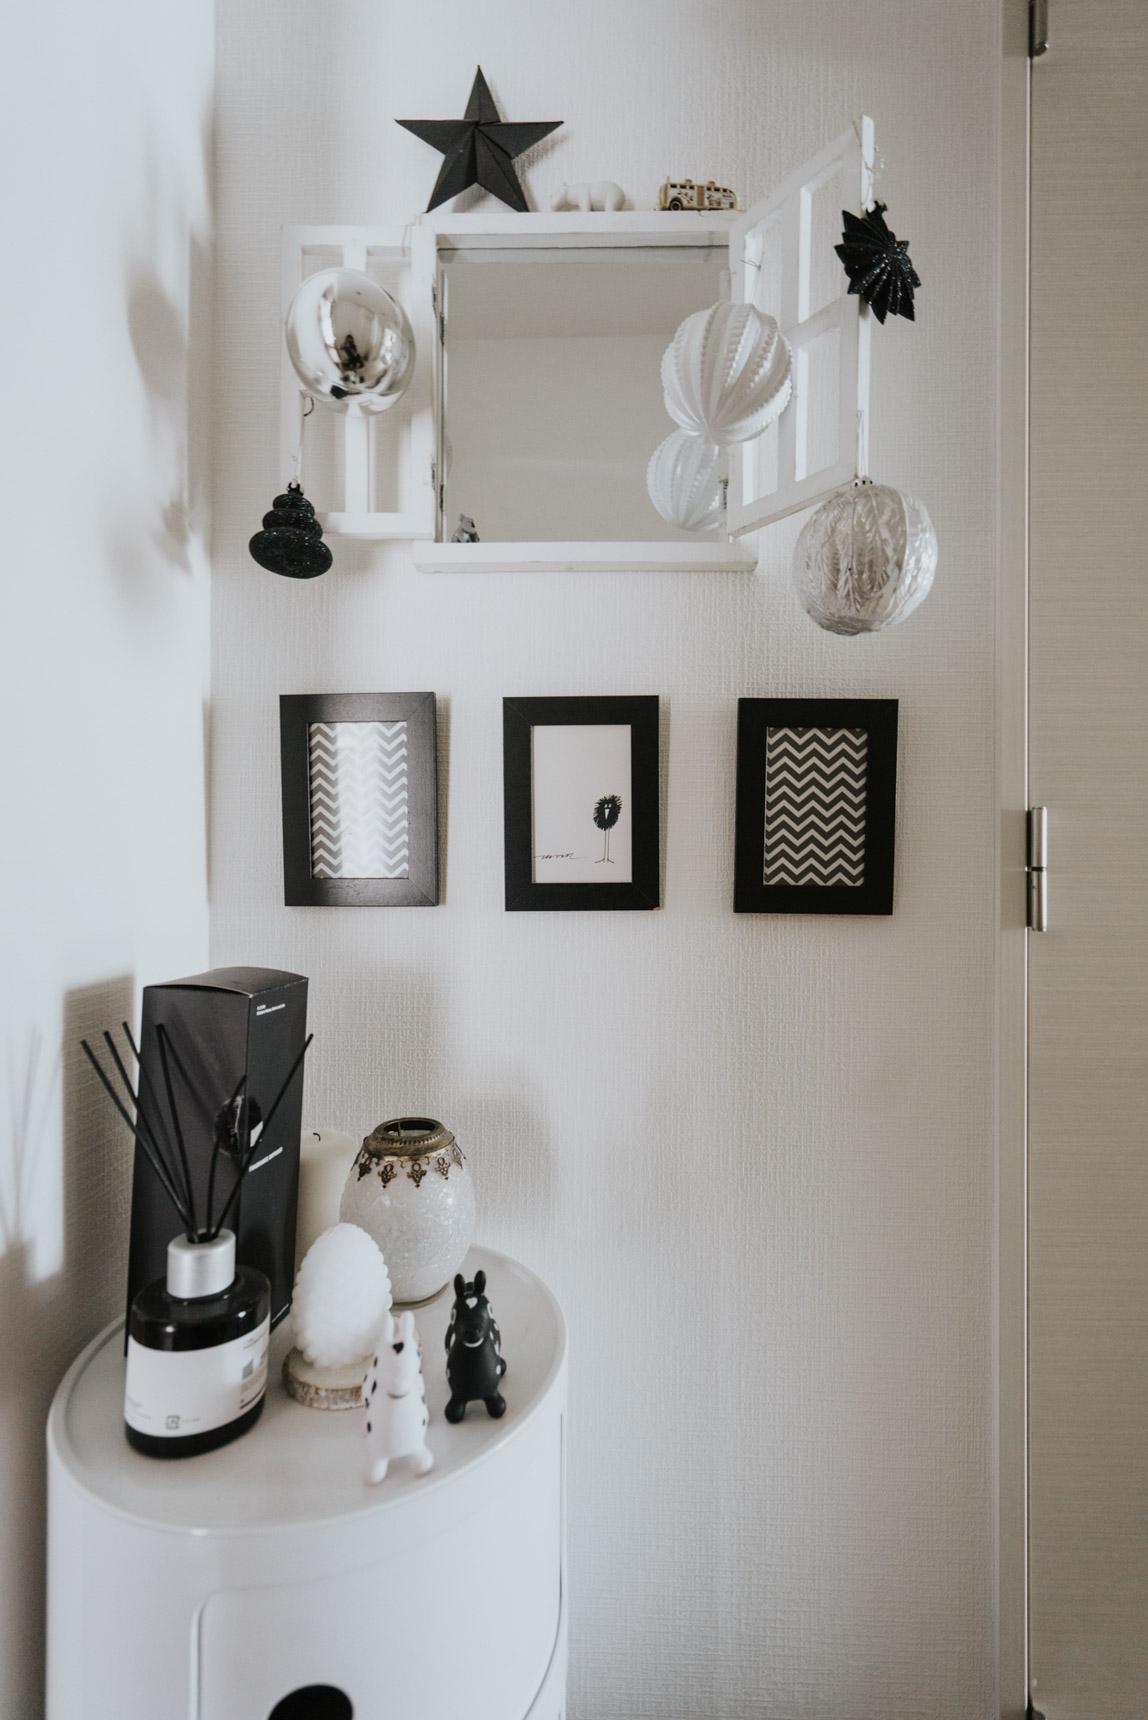 玄関に飾られている可愛い飾りも全部、白黒。